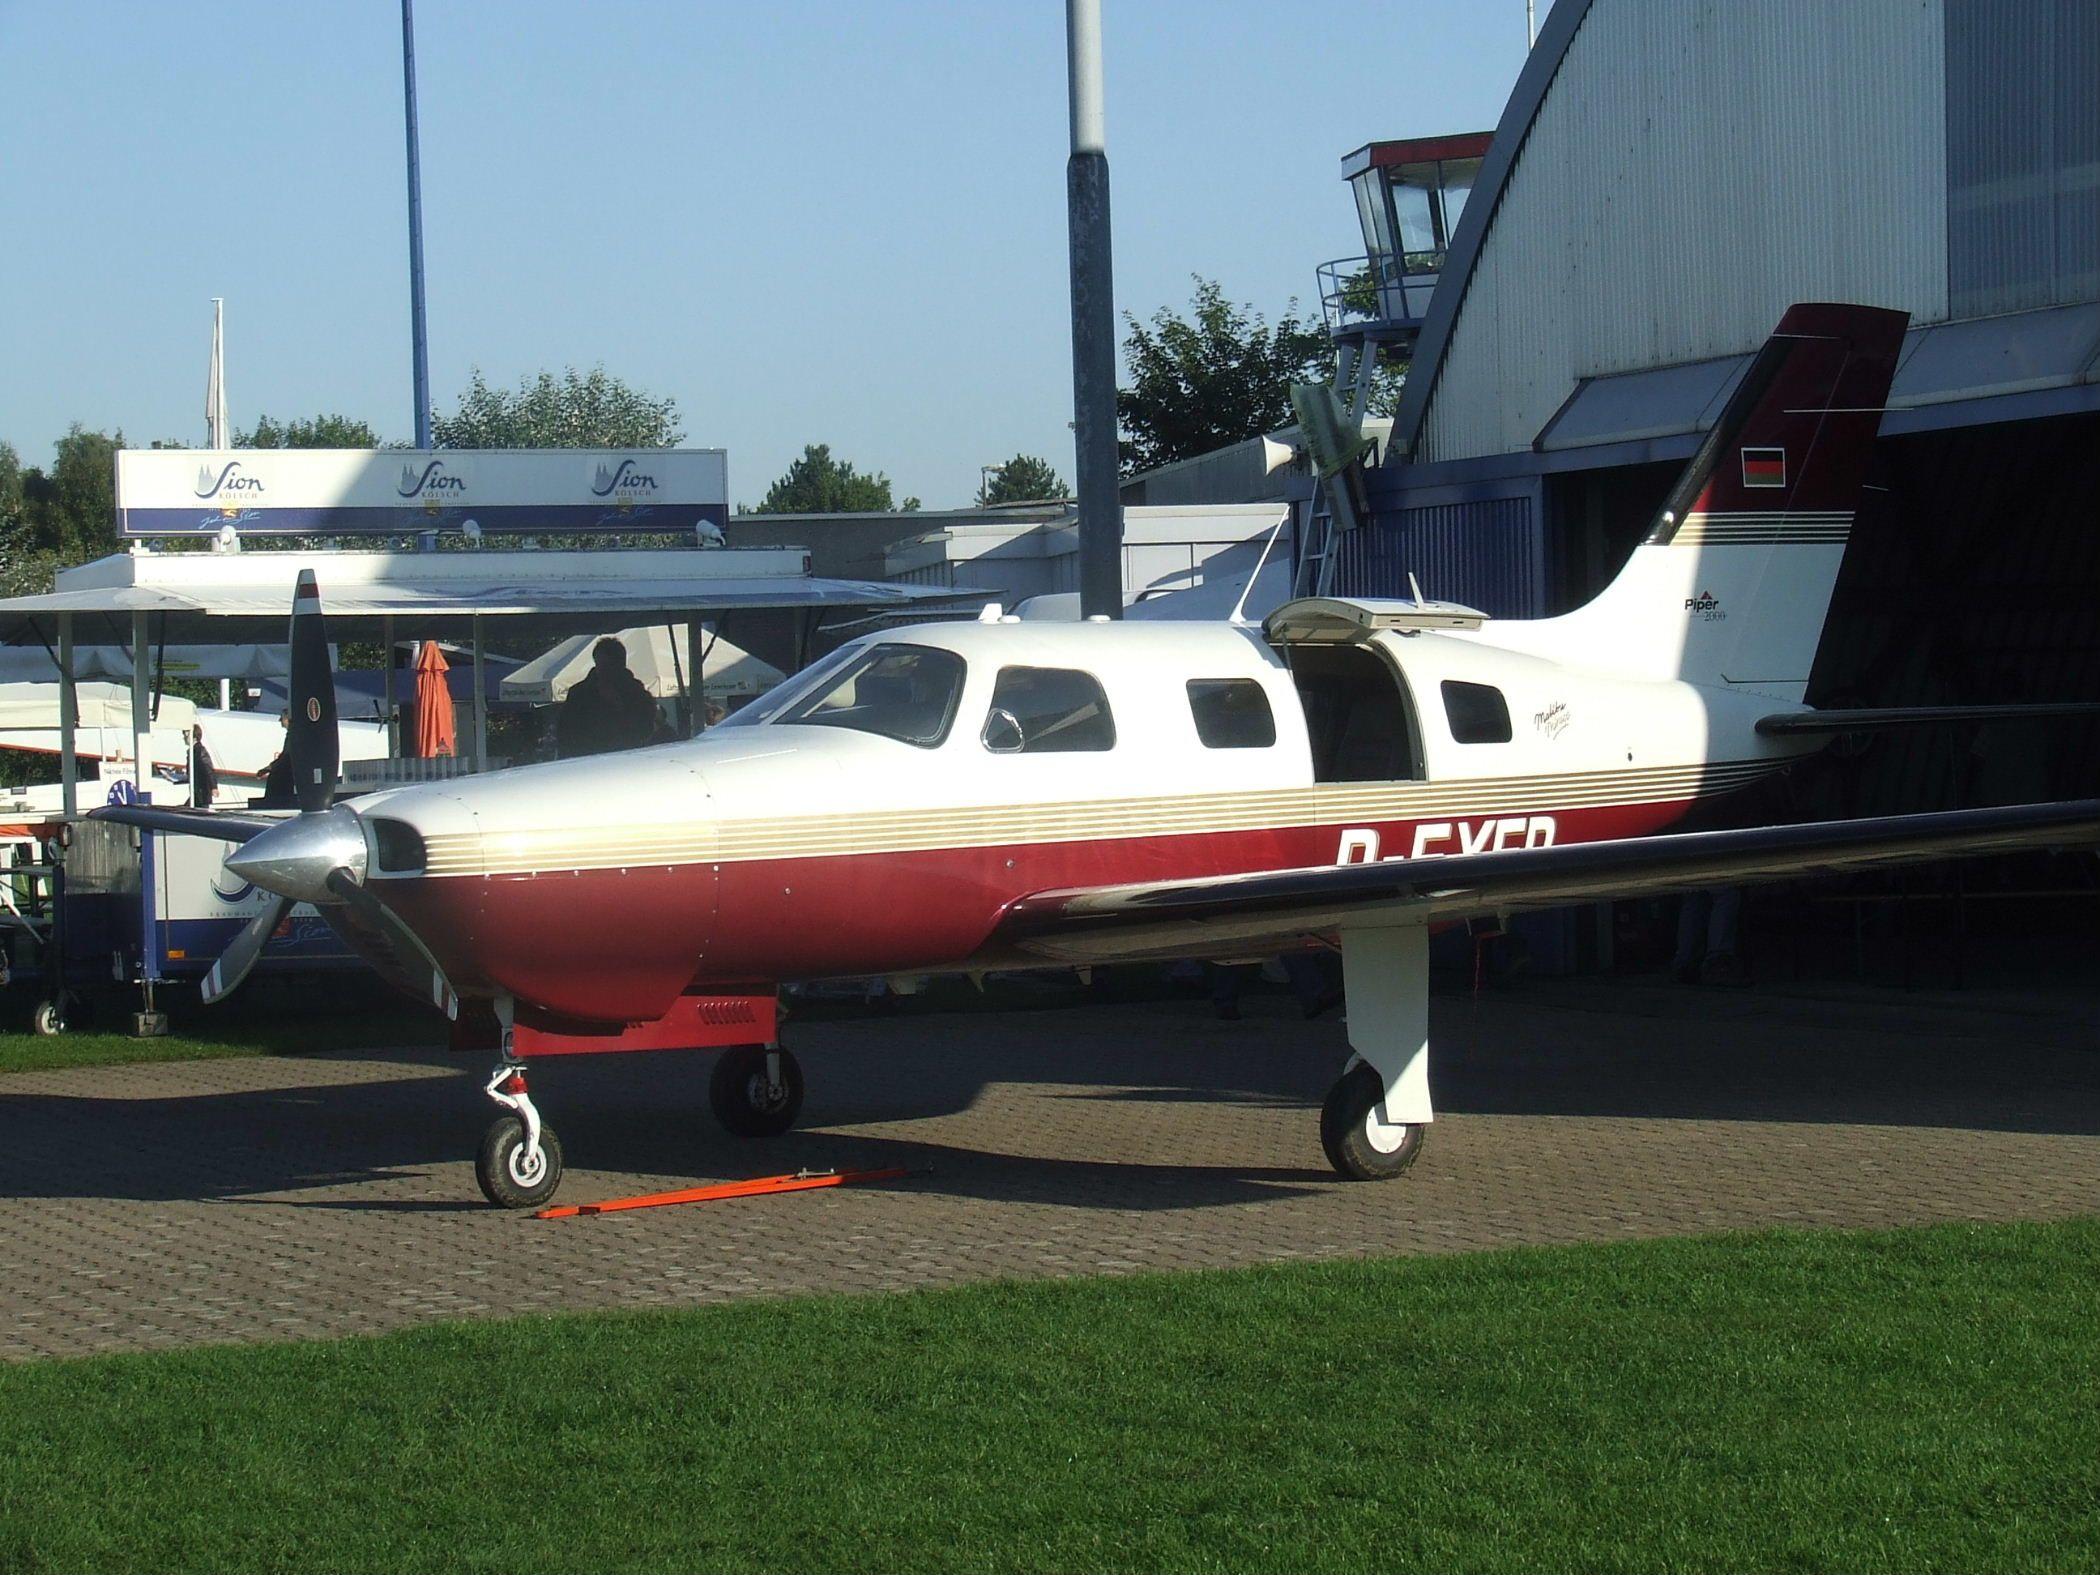 DSCF5283kl.JPG